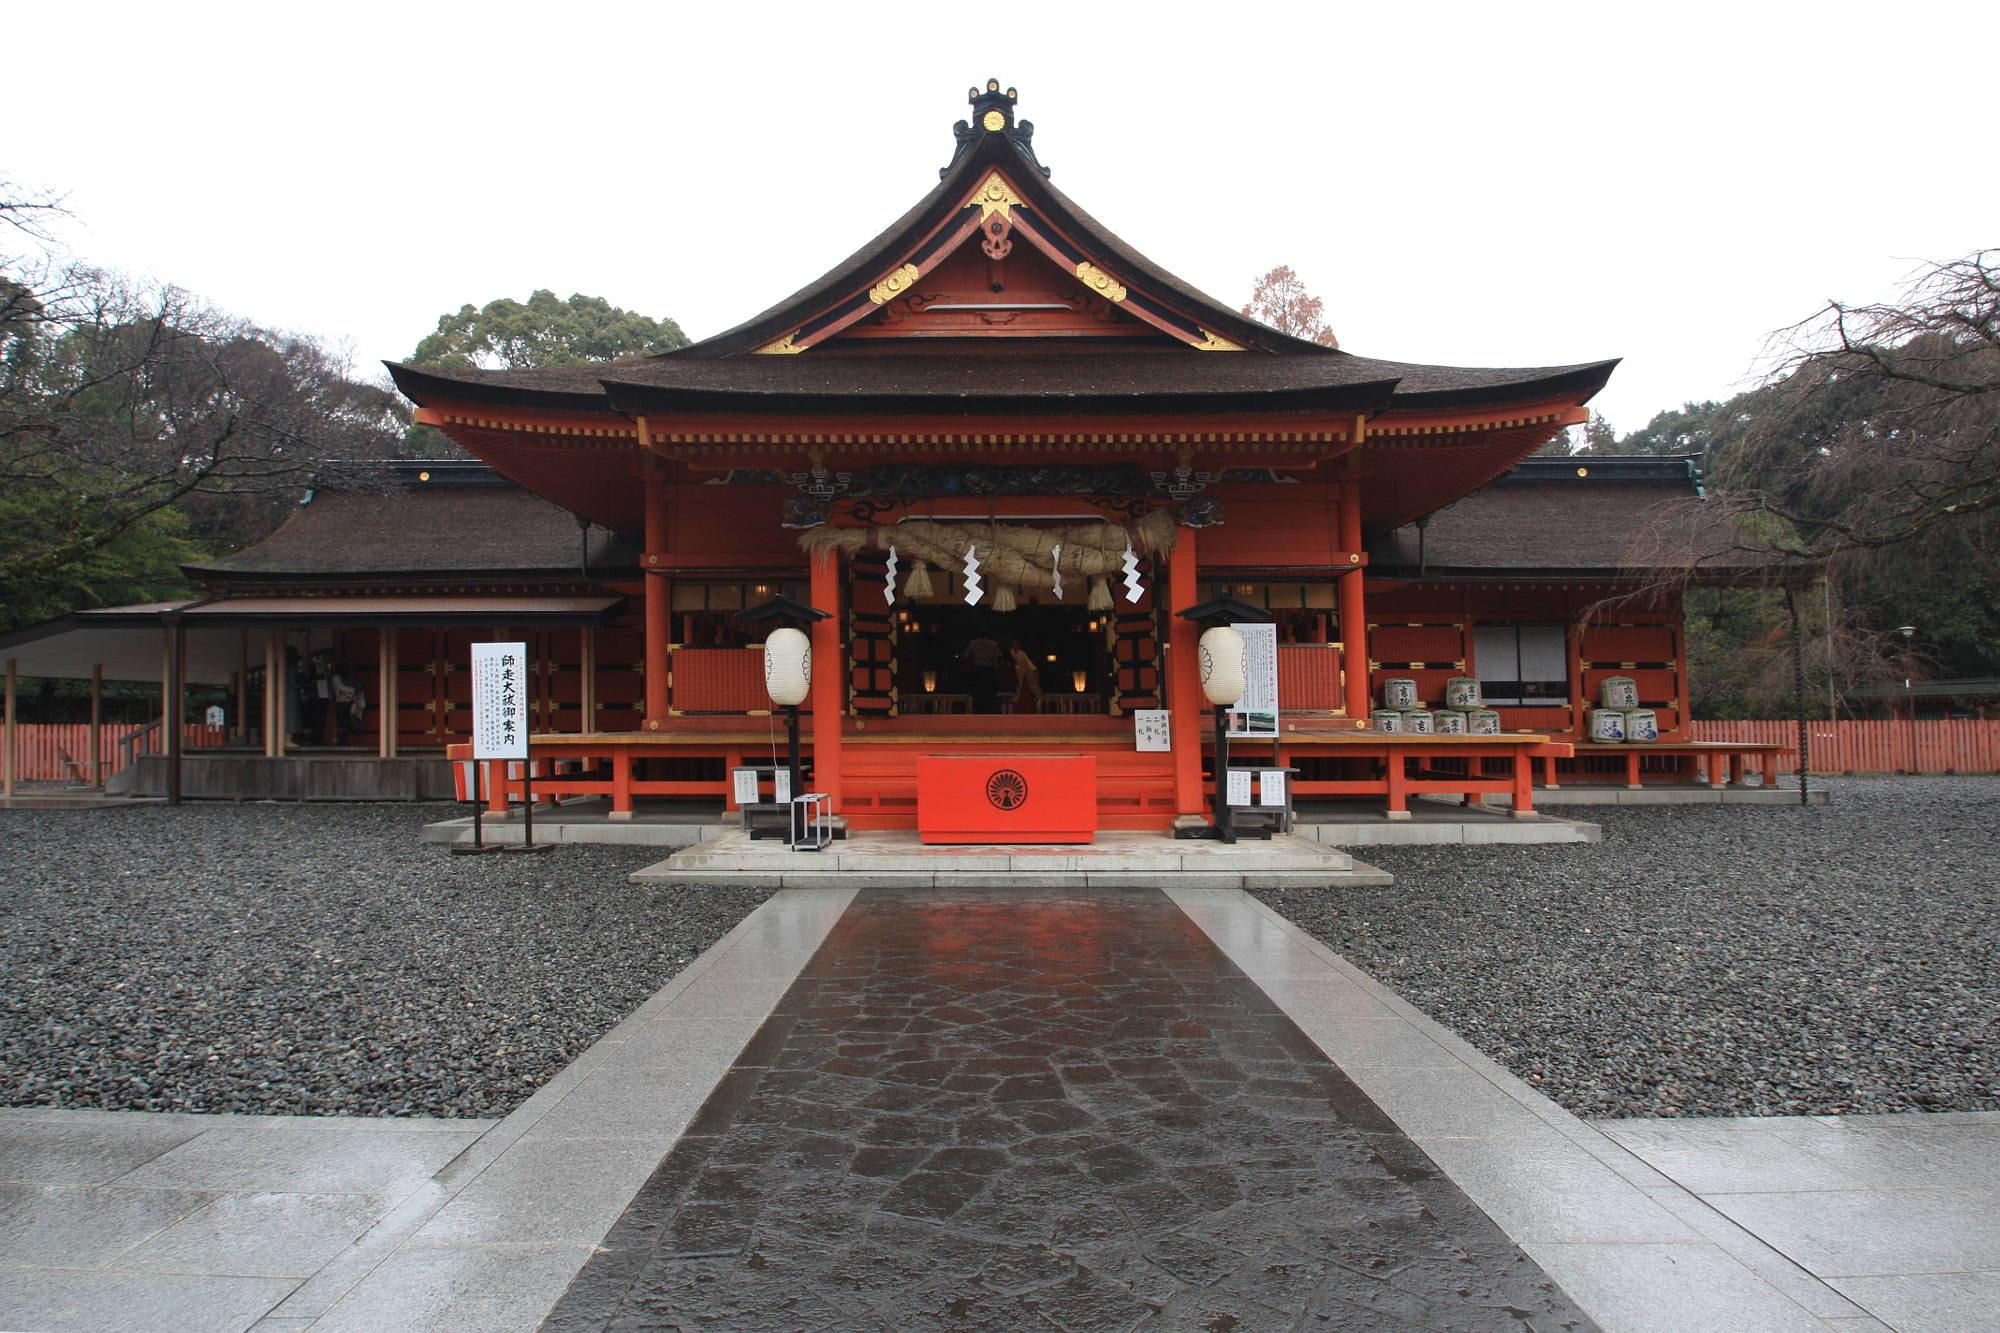 富士山本宮浅間大社の拝殿(本殿)